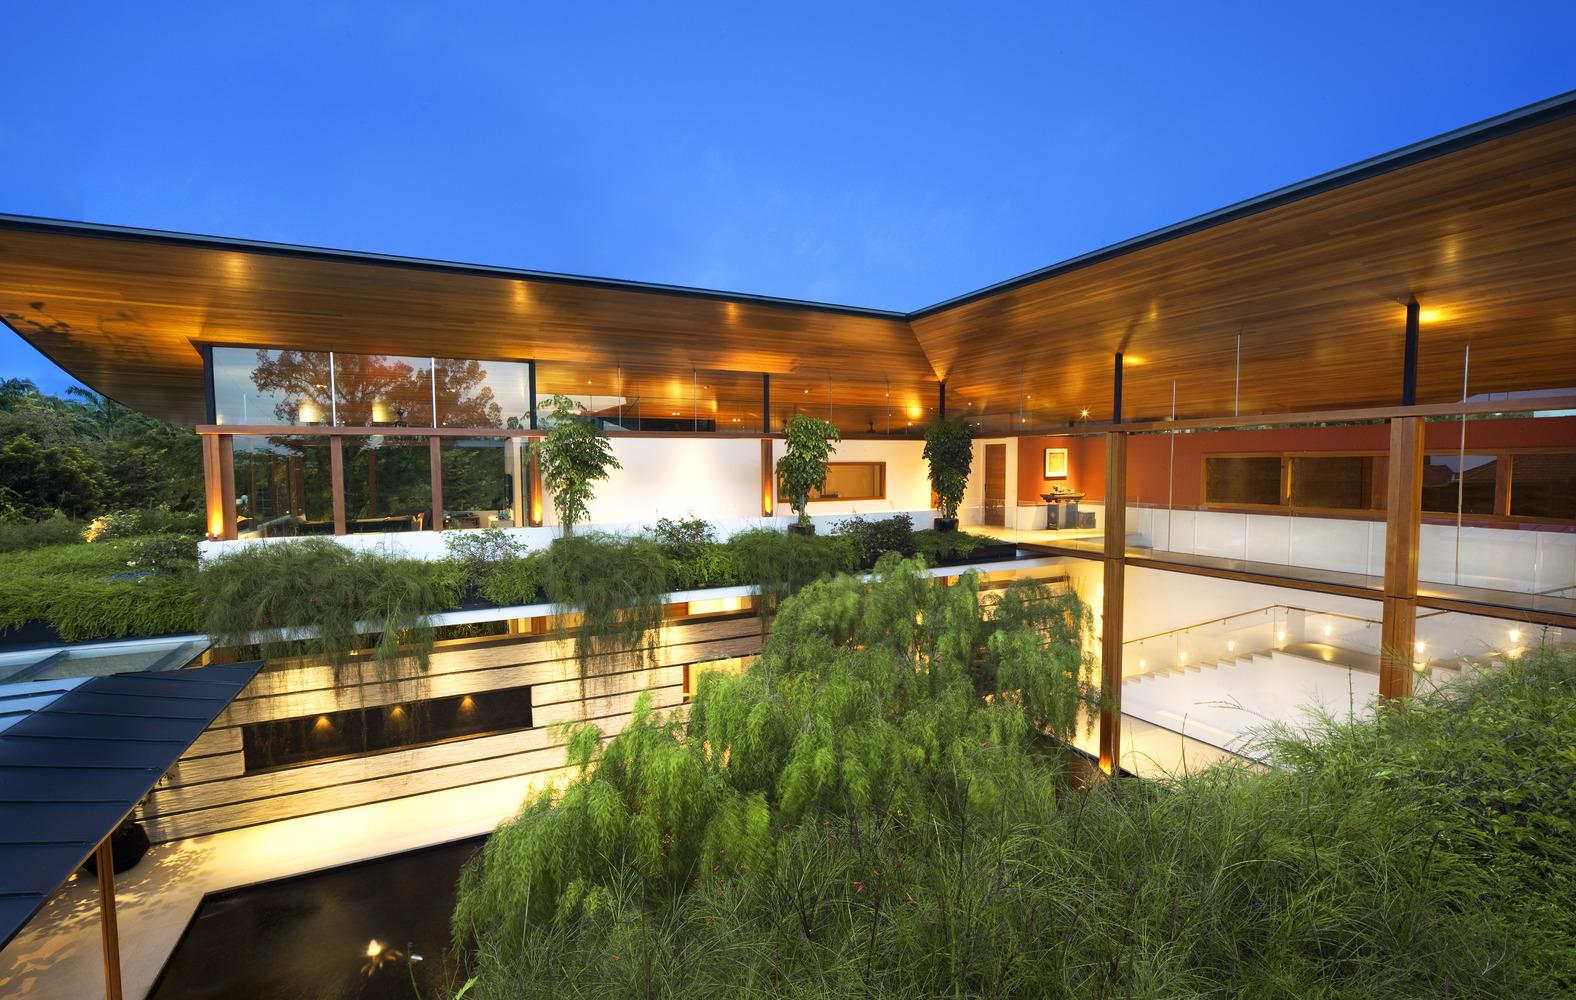 willow-house-termeszetkozelben-noko-09.jpg